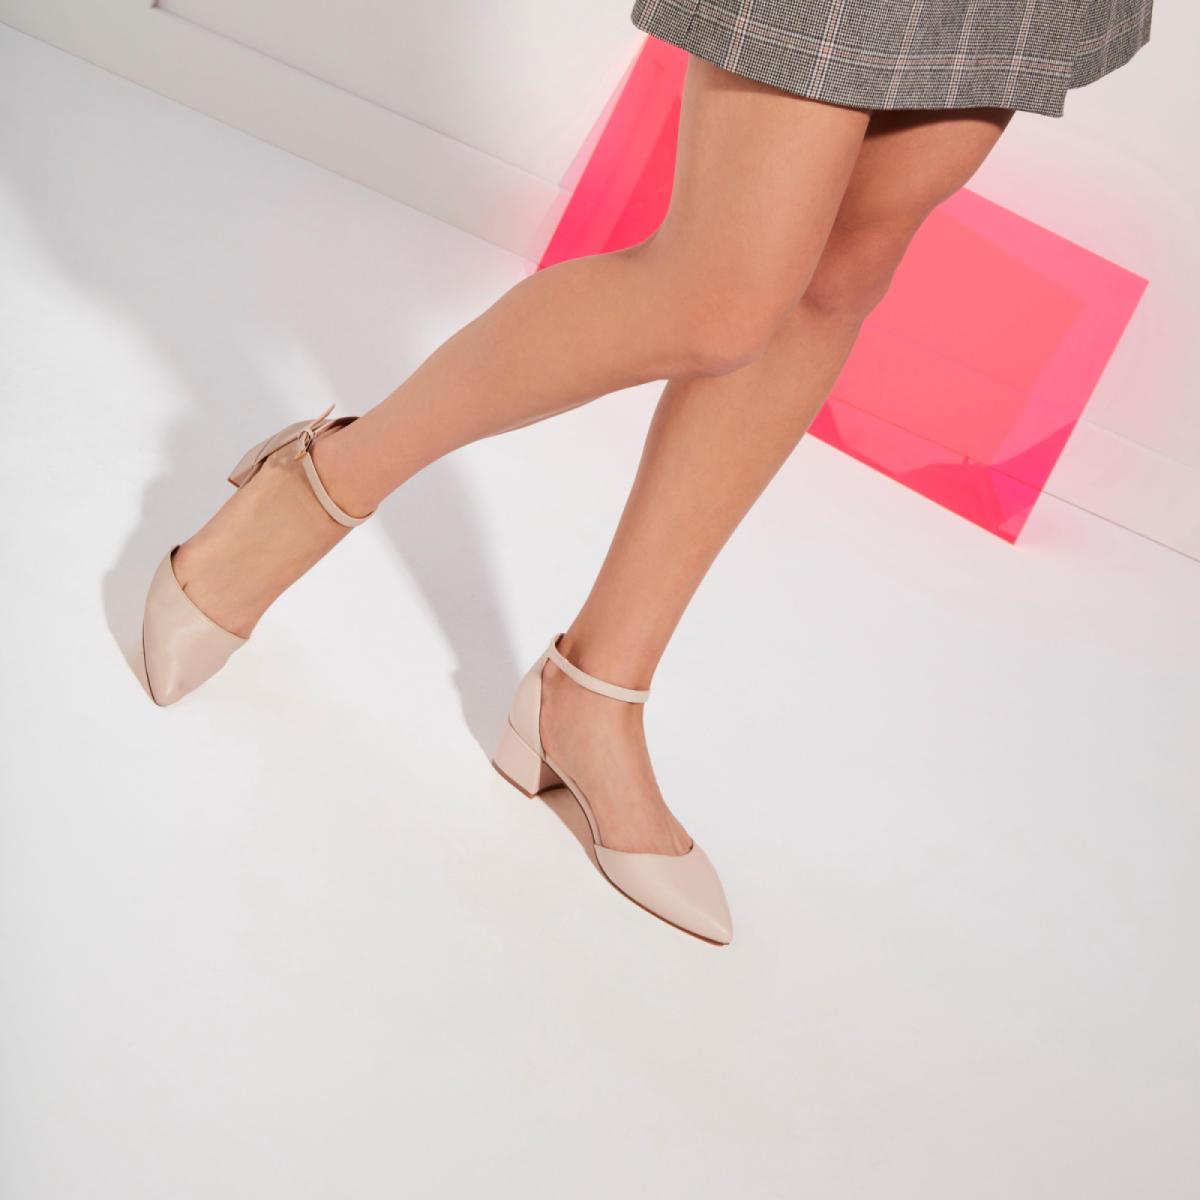 fe9f4d02b0f Zulian Bone Misc. Women s Low-mid heels